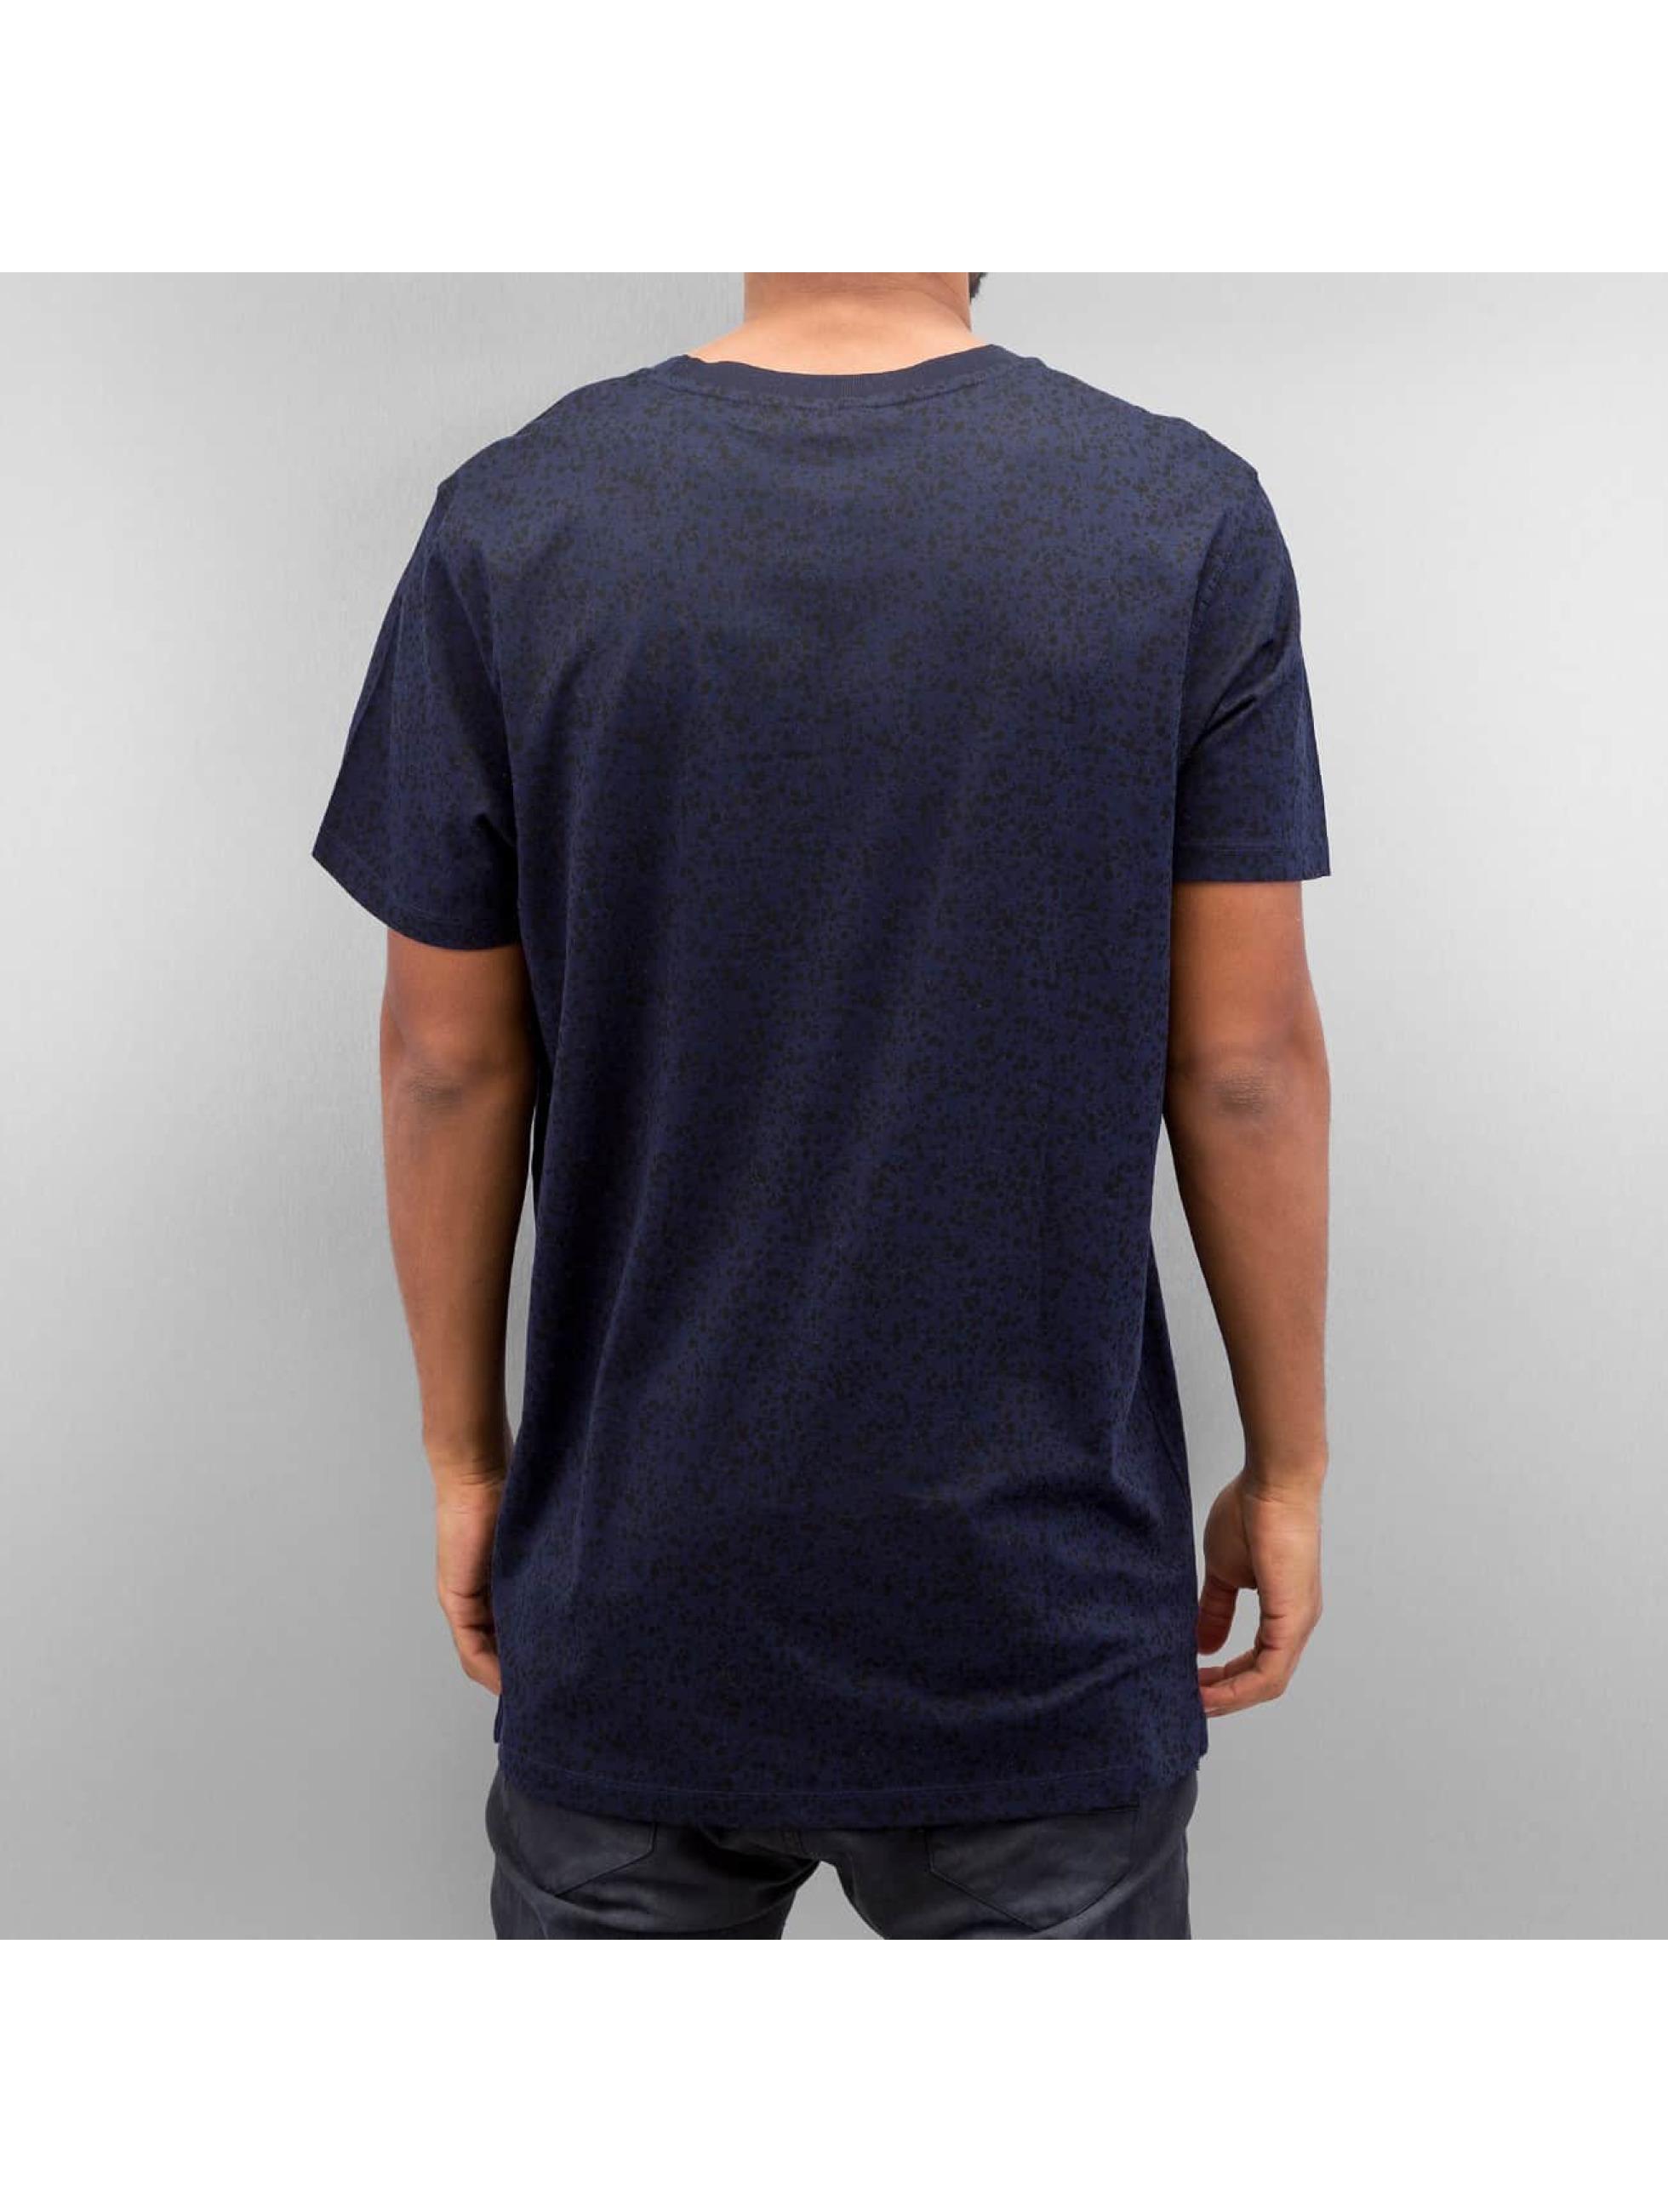 Jack & Jones t-shirt jjSplat blauw